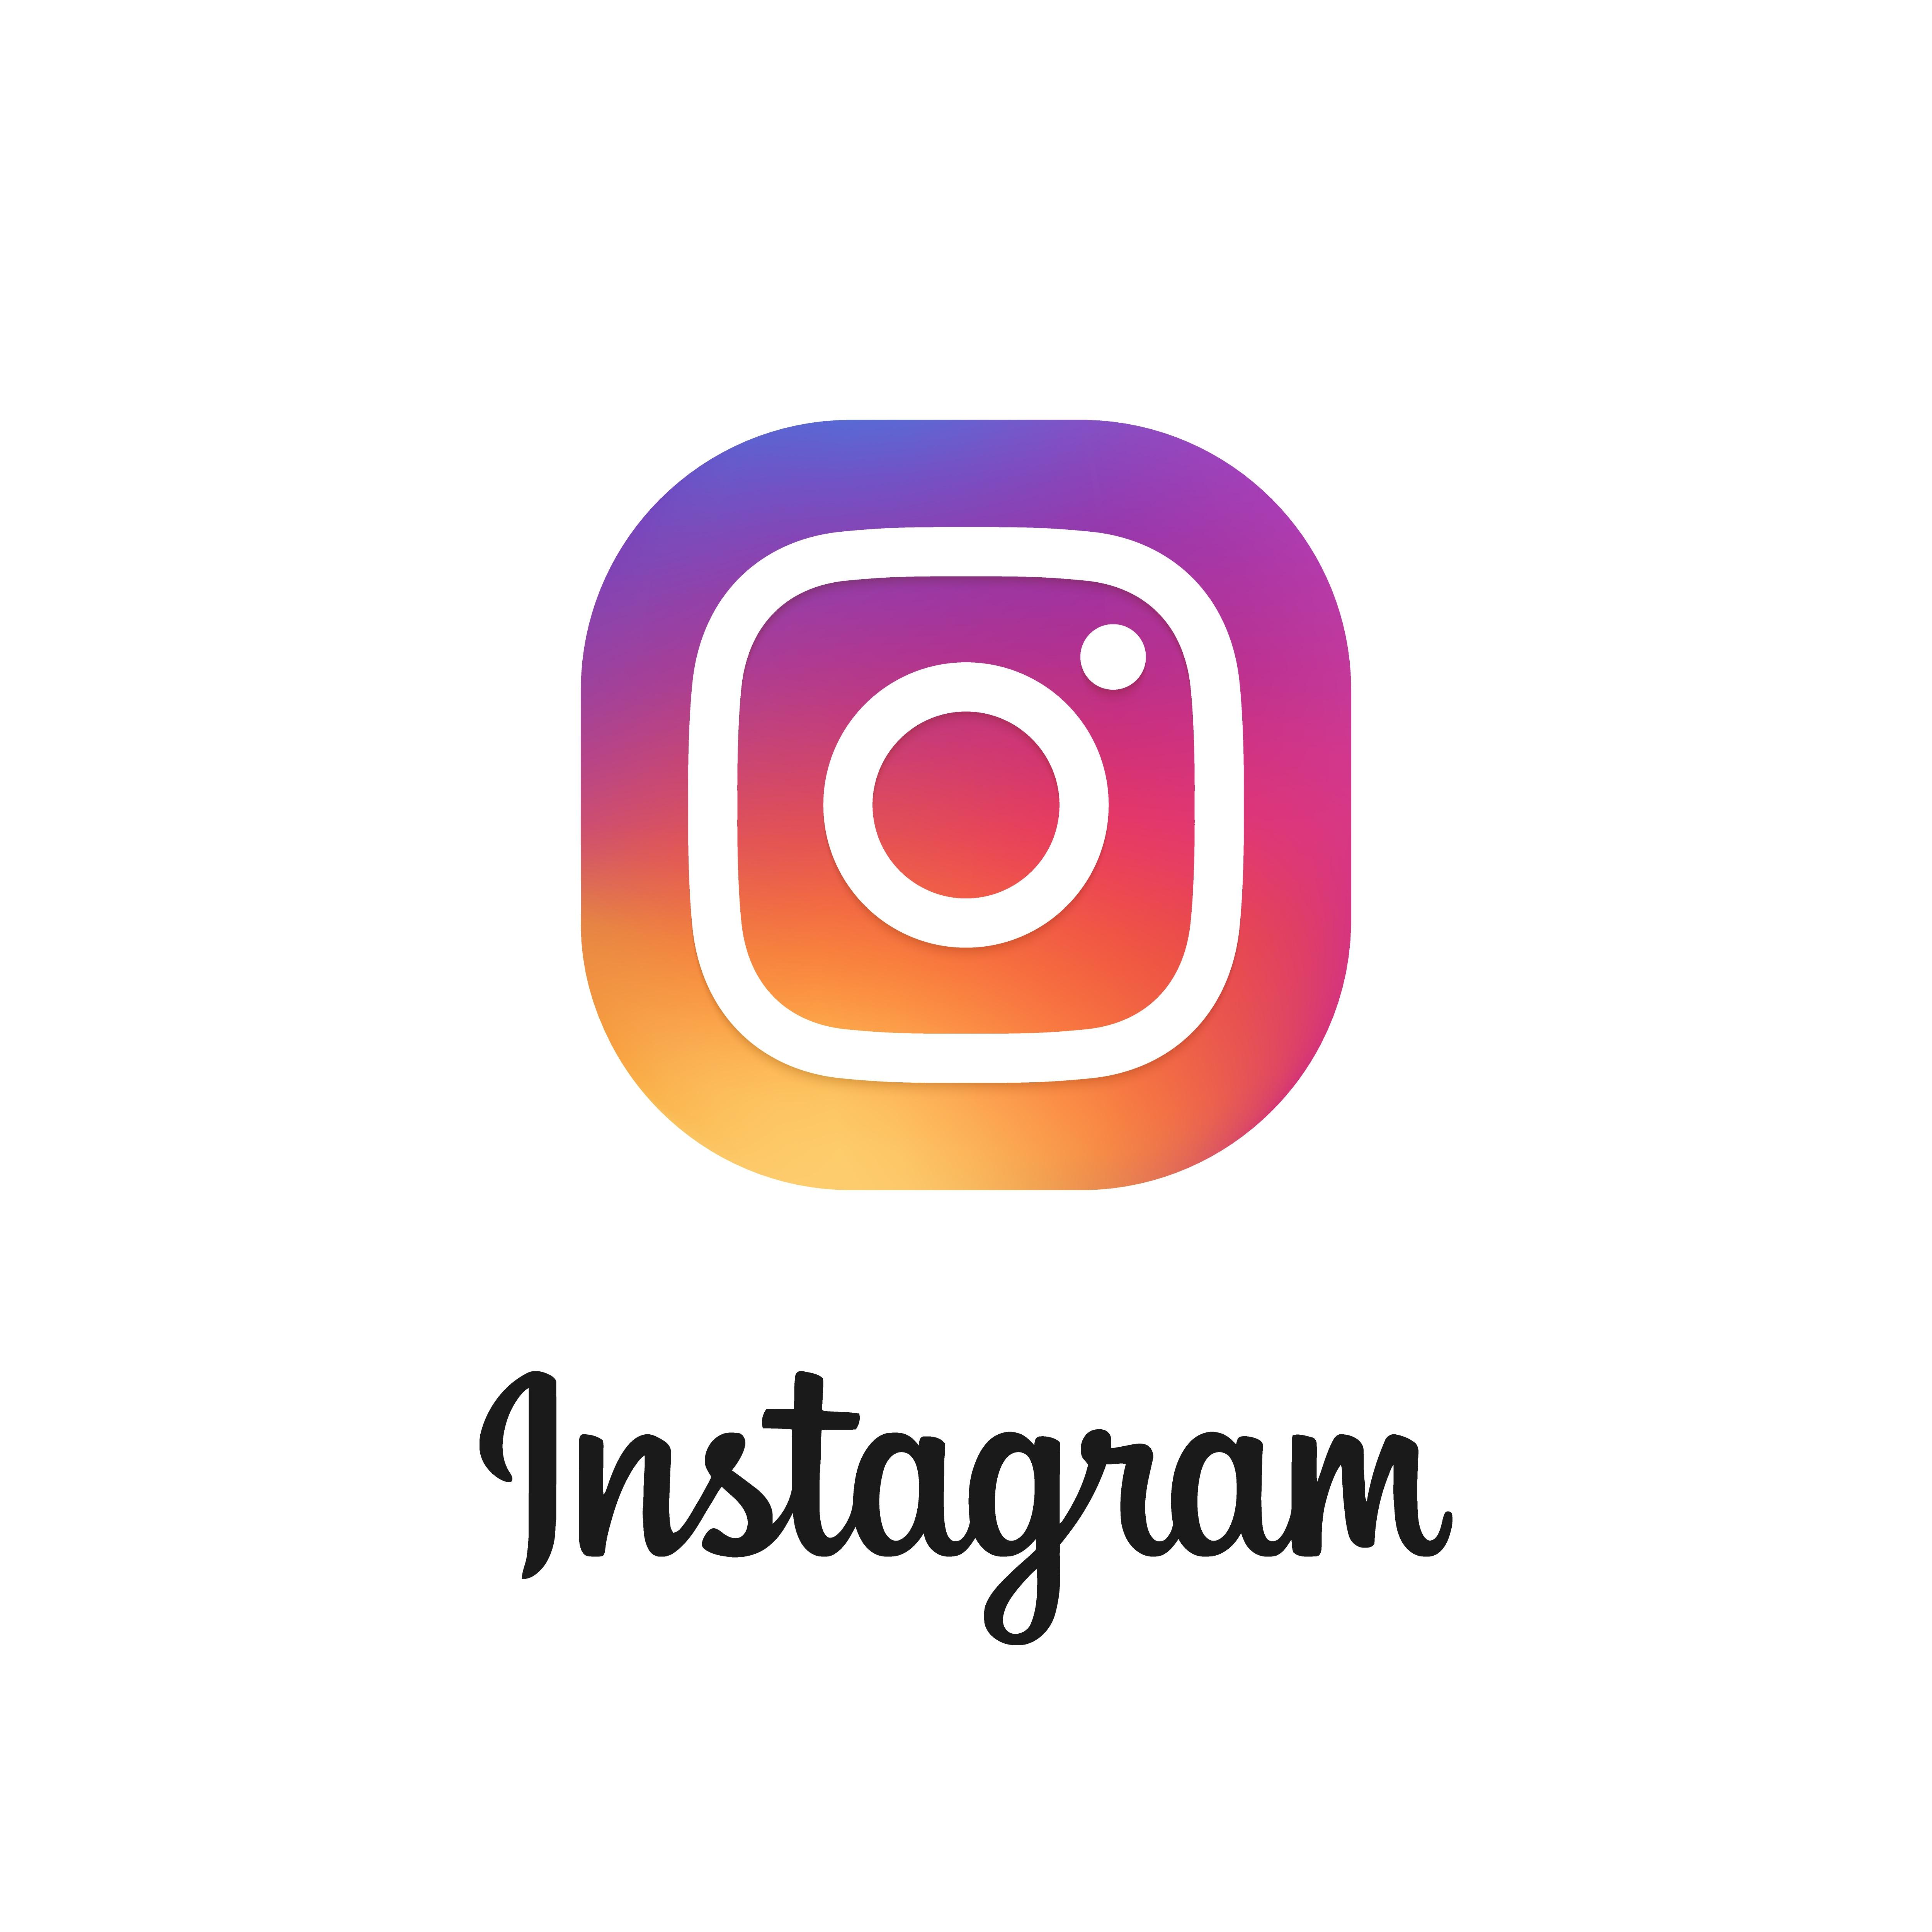 Yes! Je kan nu ein-de-lijk inzoomen op Instagram